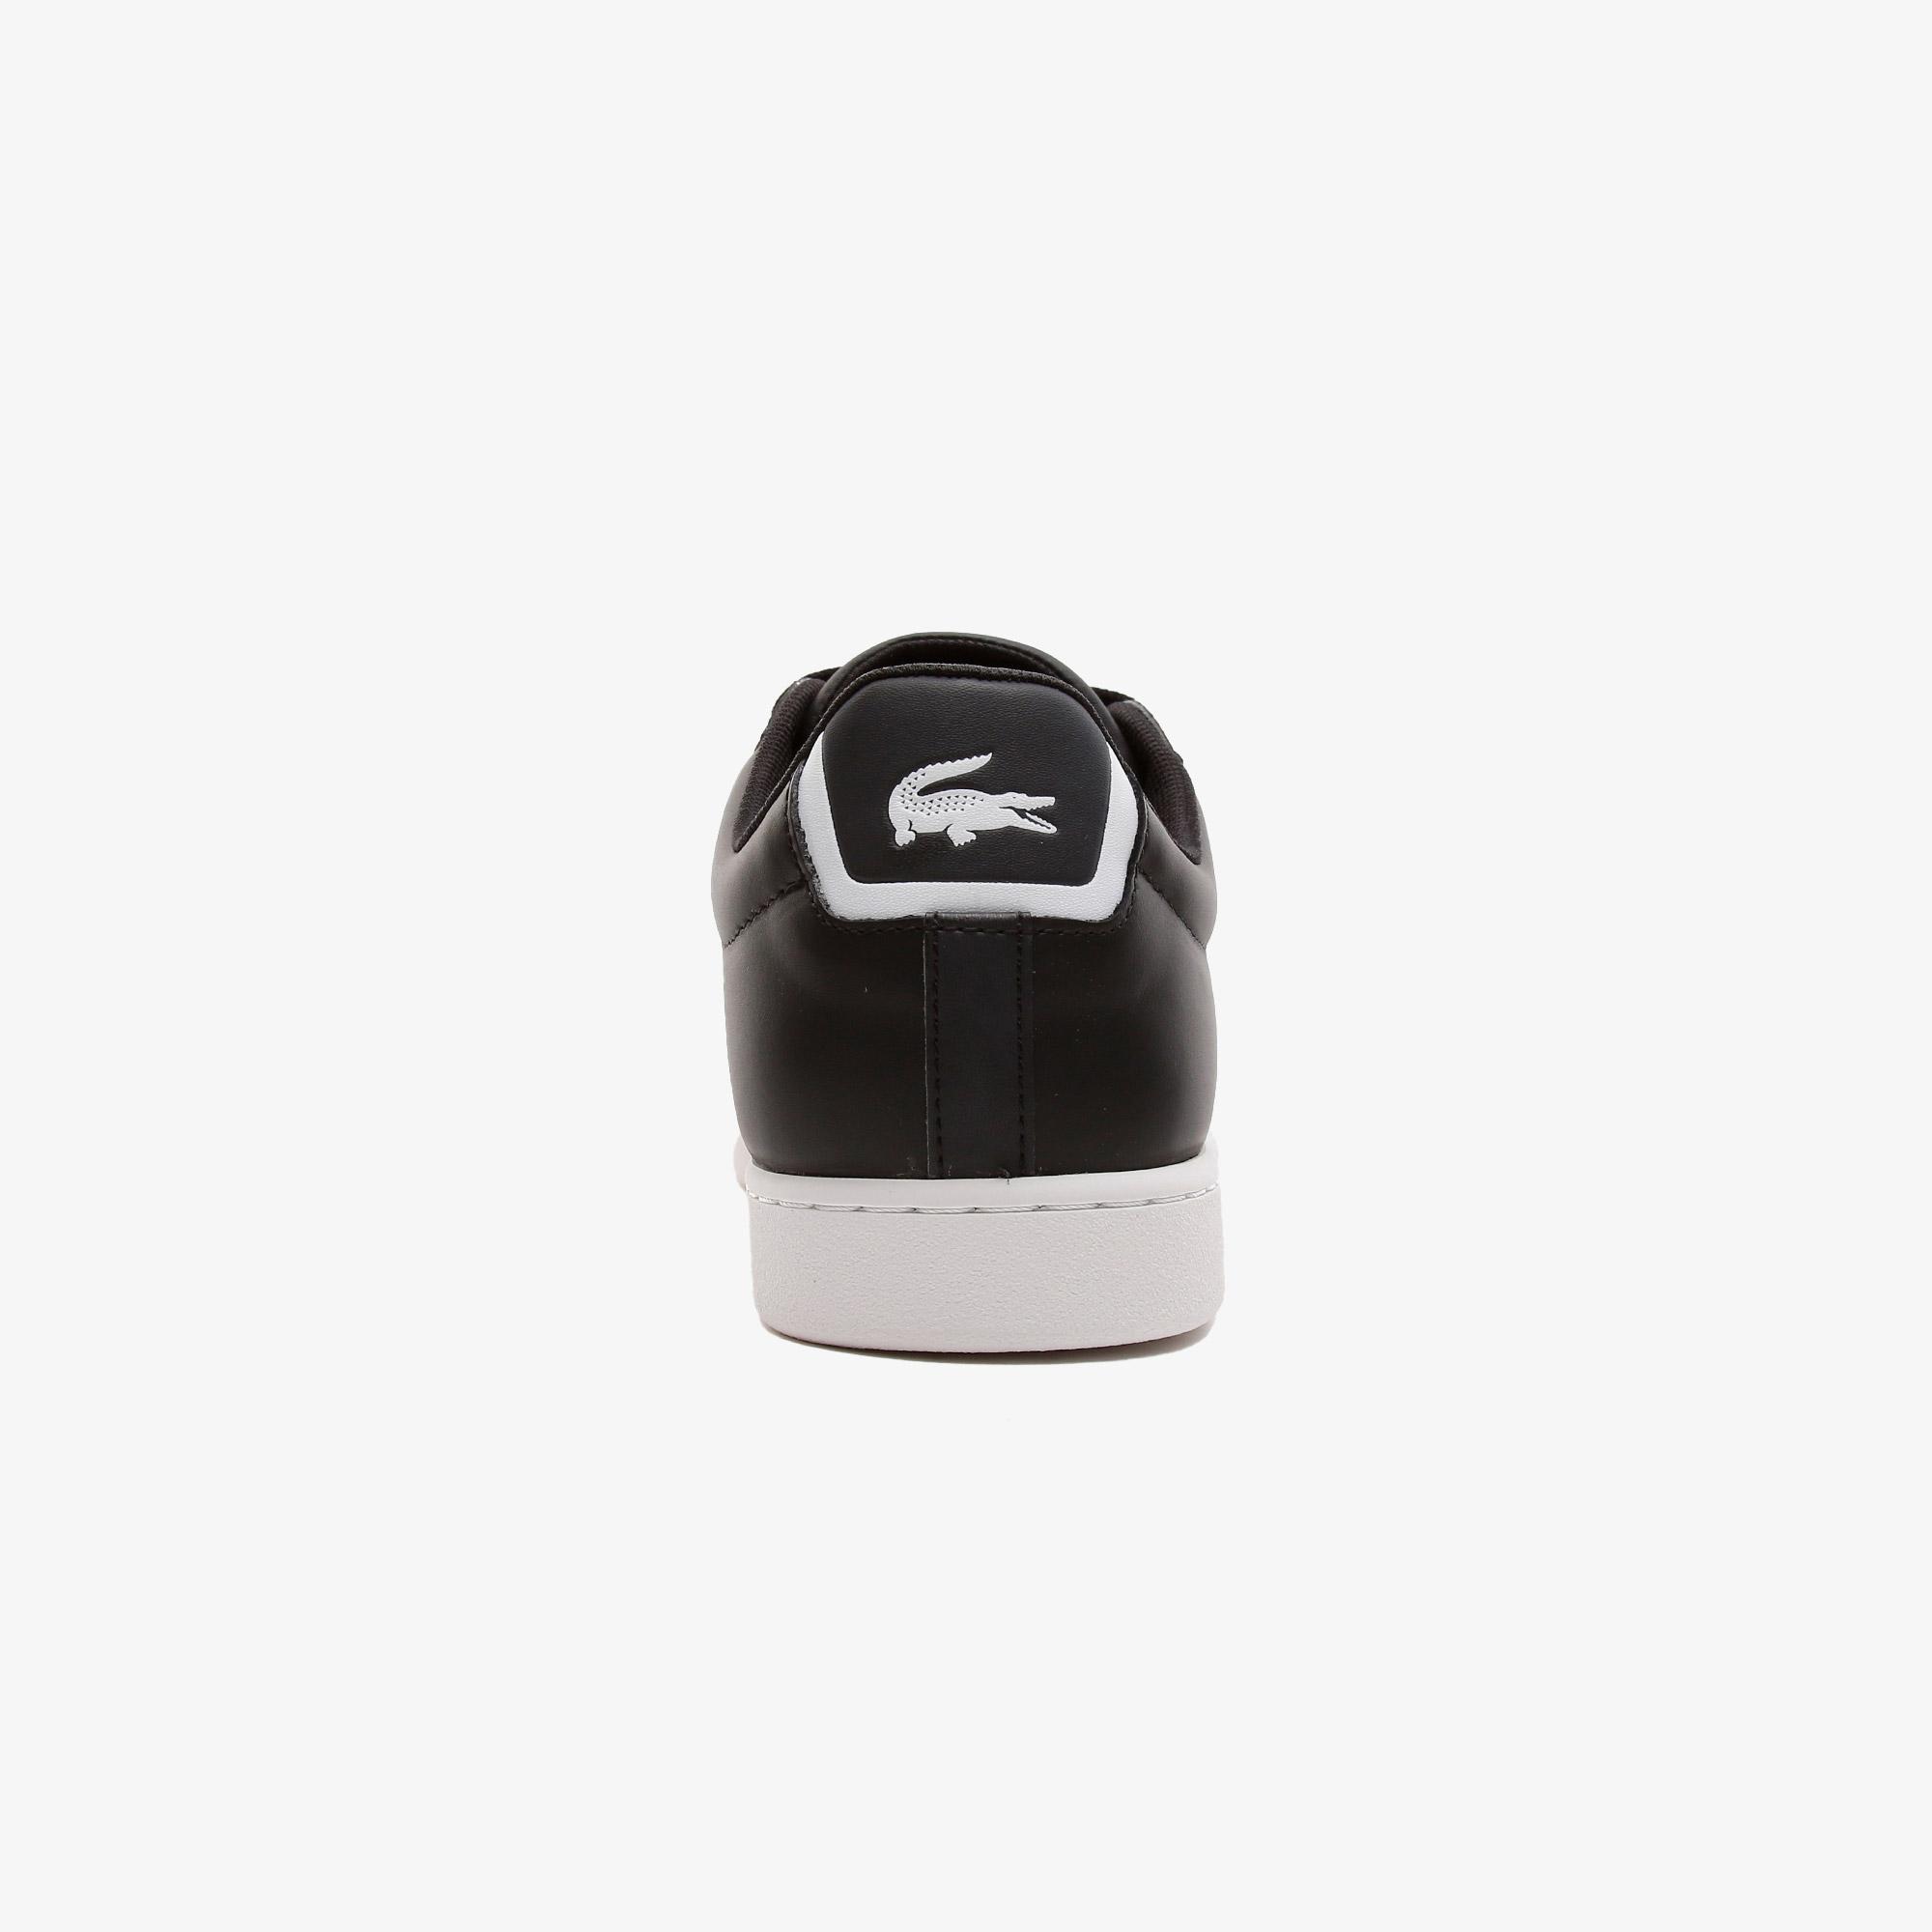 Lacoste Carnaby Evo Bl 1 Spm Erkek Siyah Spor Ayakkabı